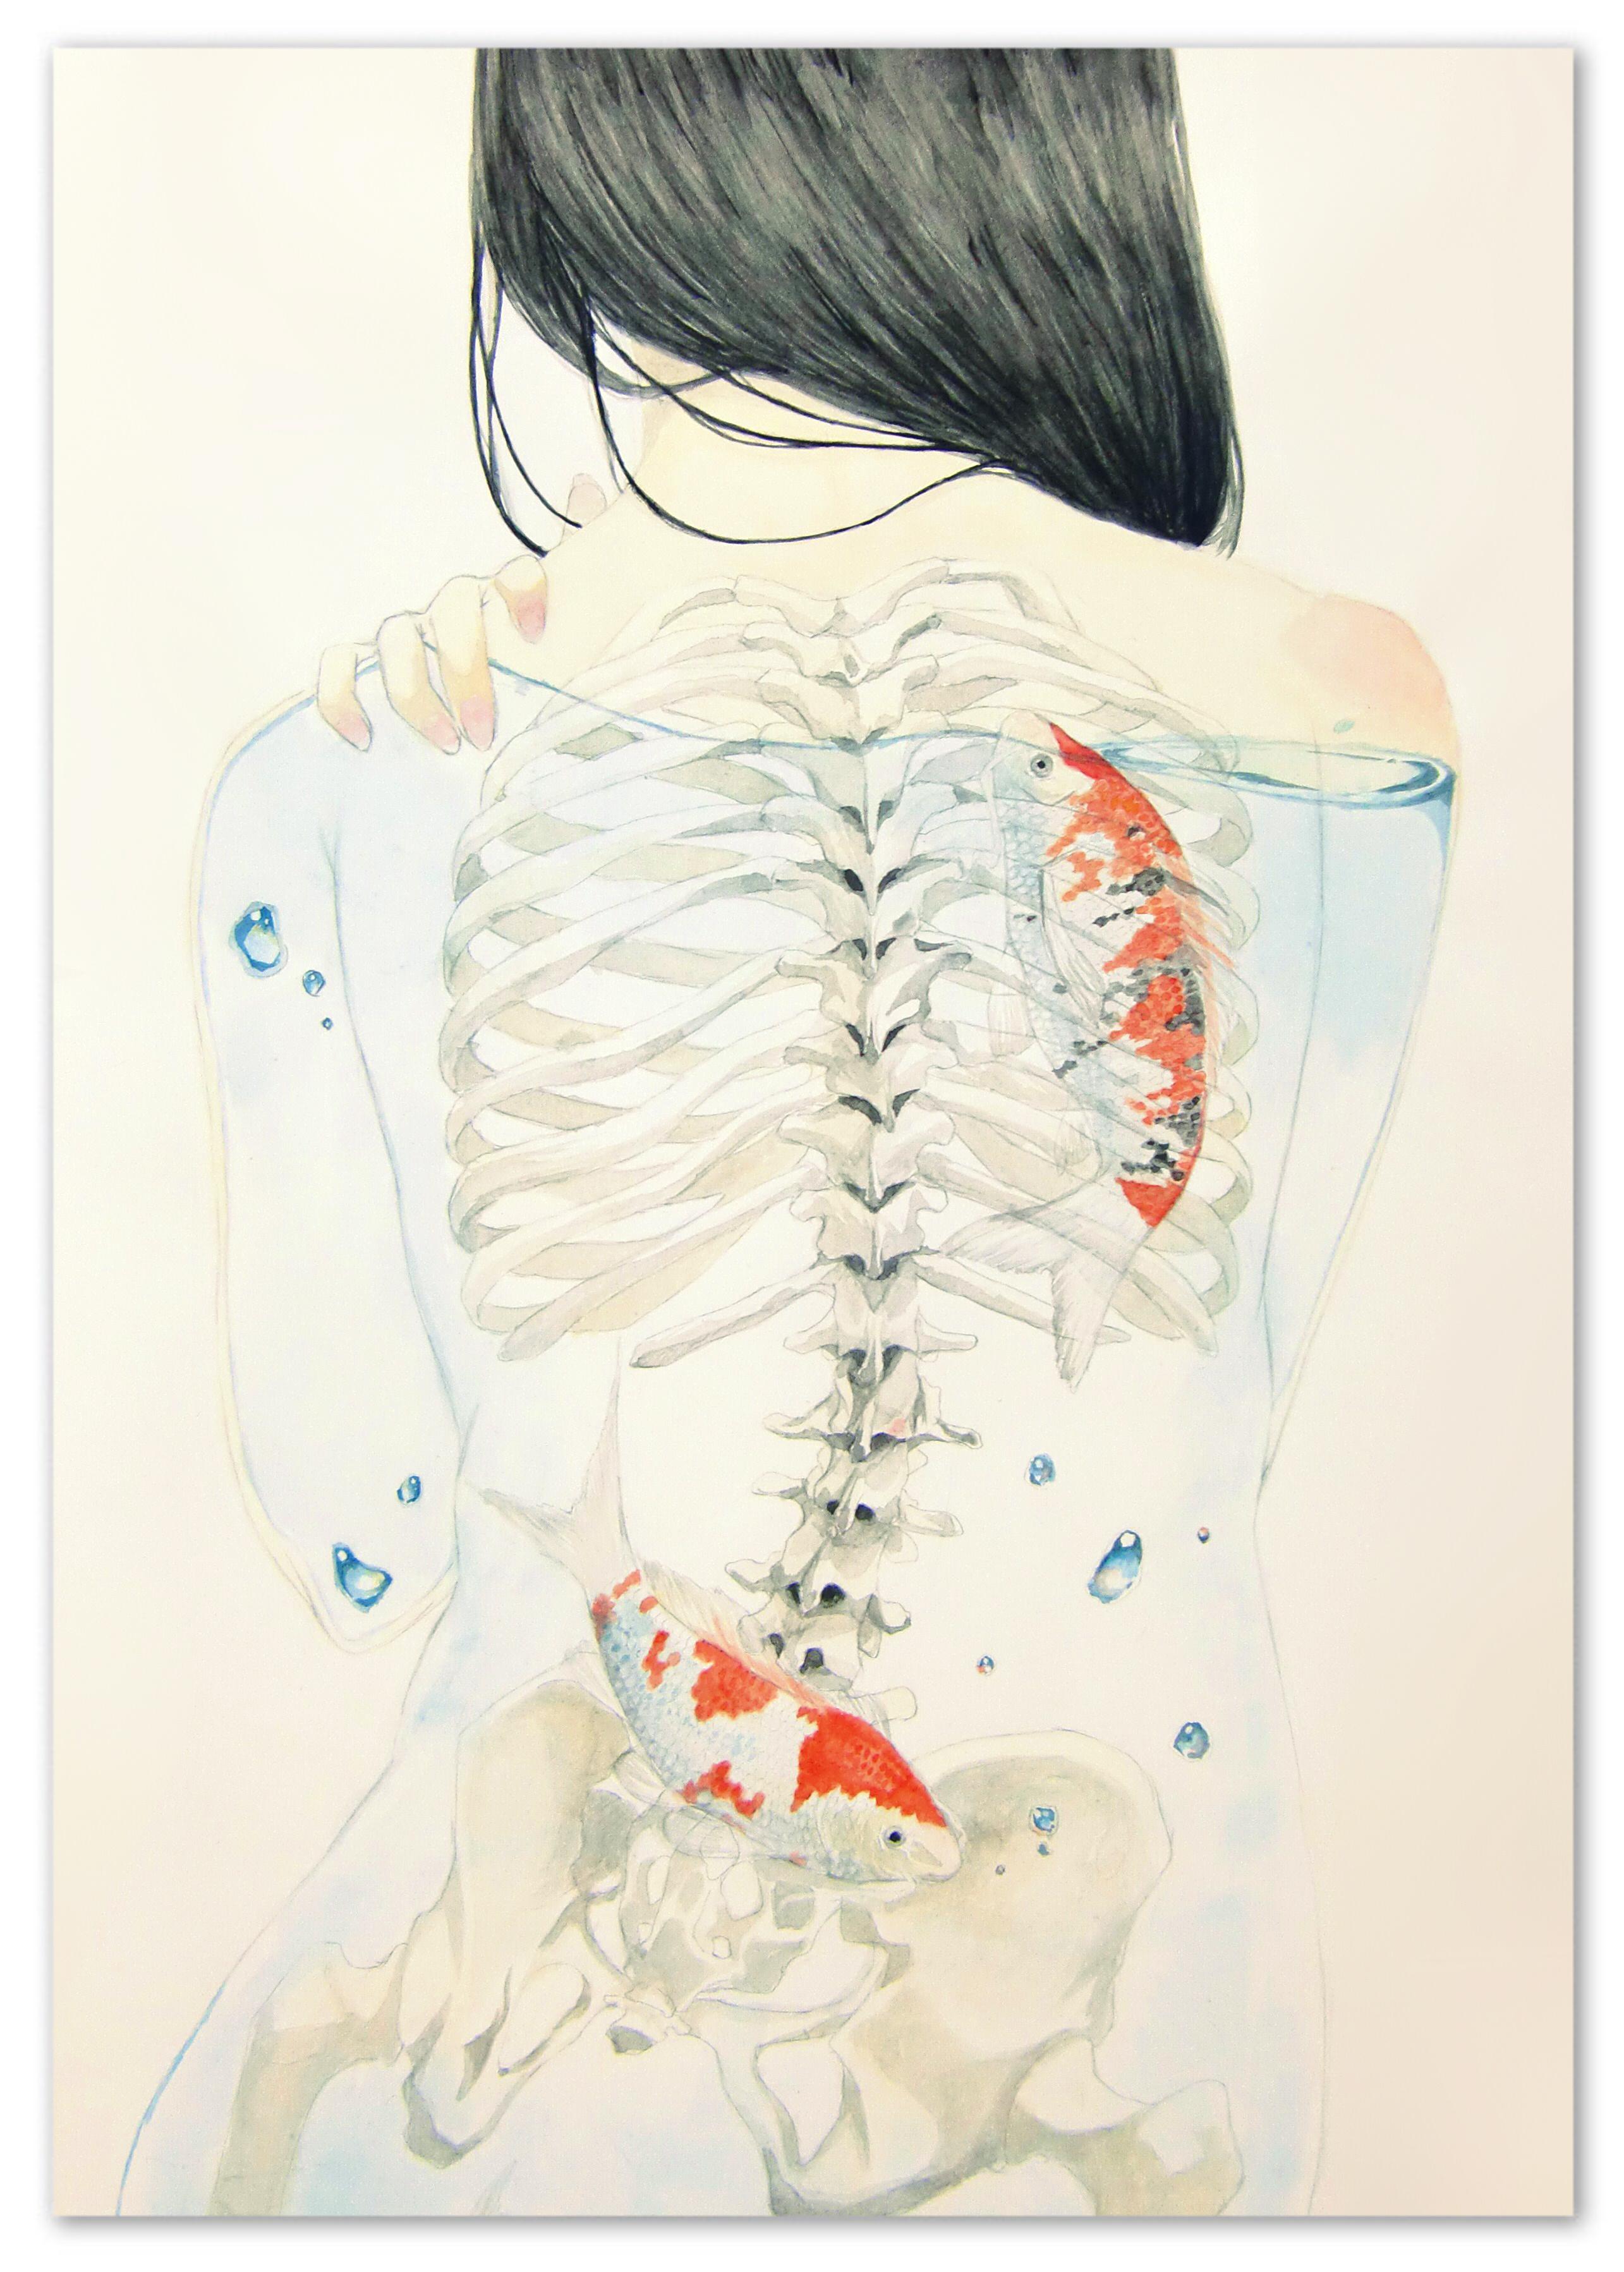 id=35843766,动漫唯美壁纸,动漫女生图片,骨头与少女壁纸